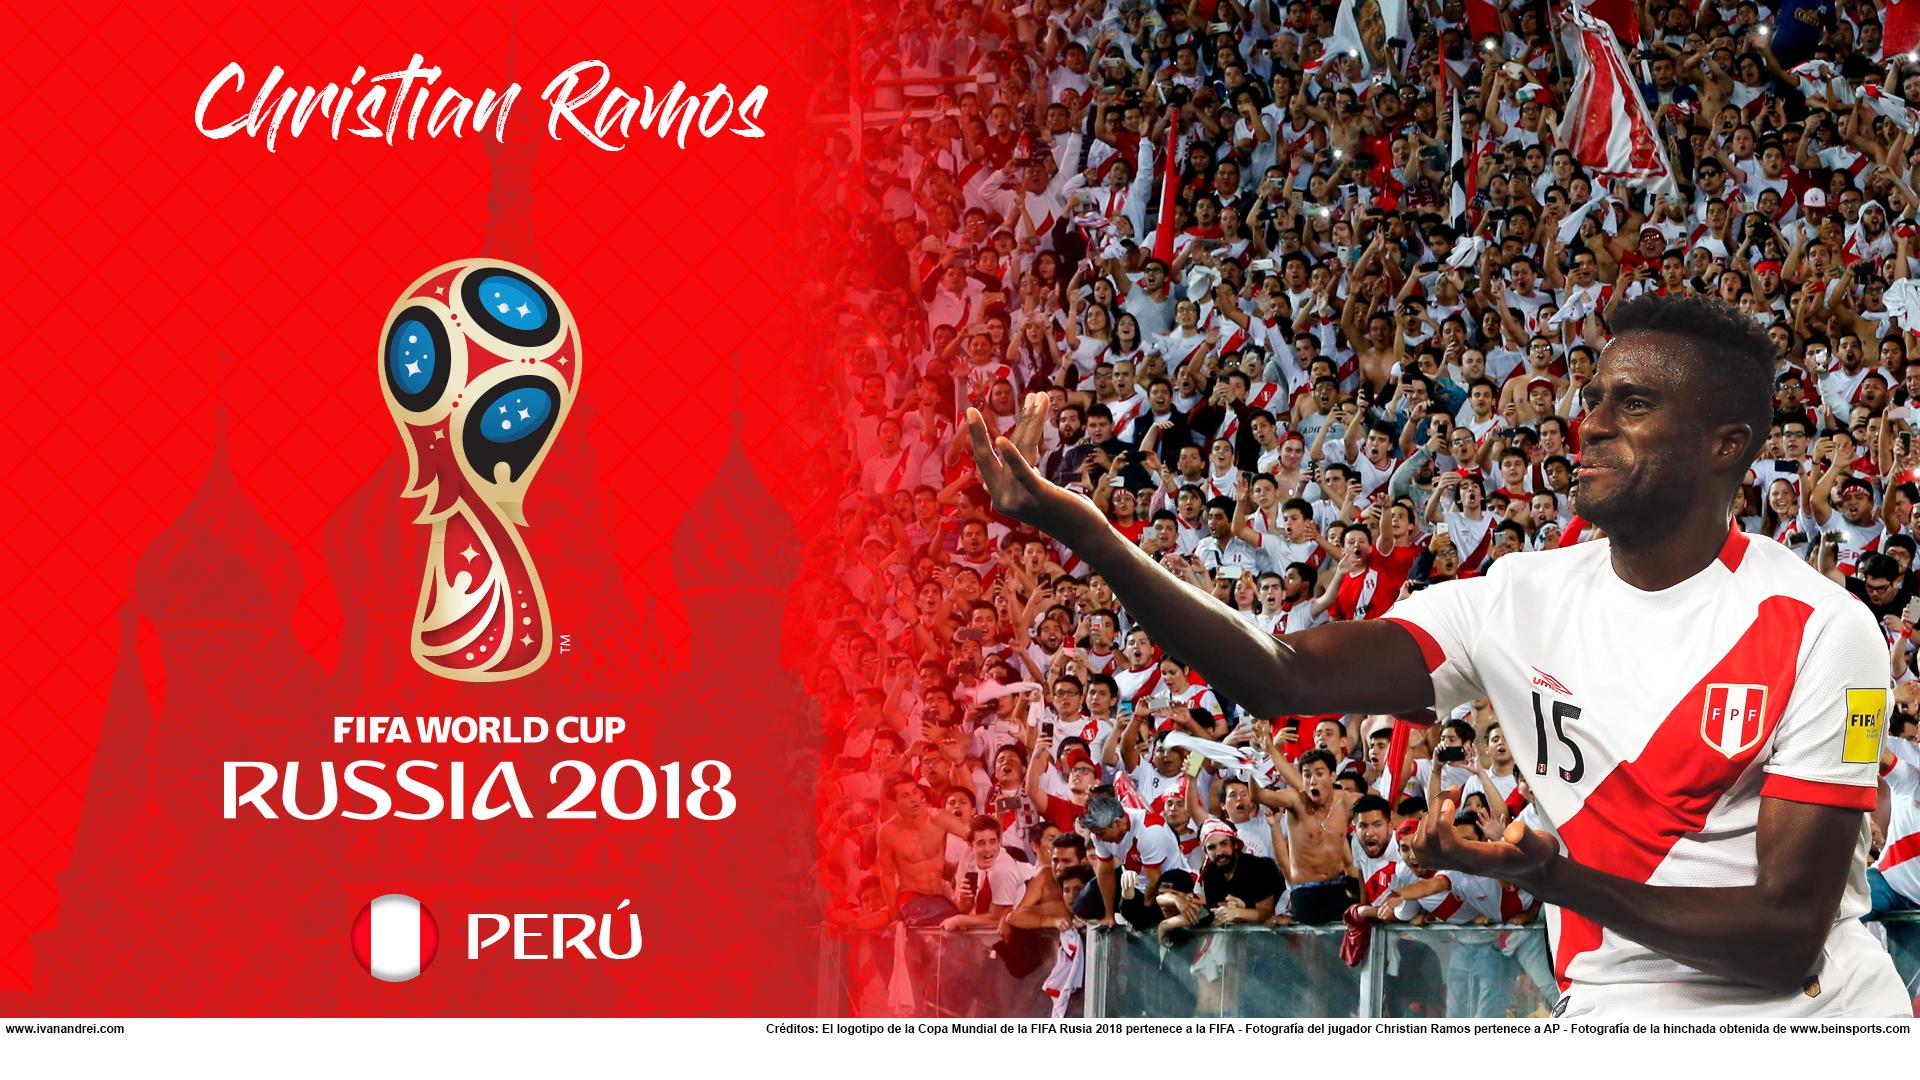 Wallpaper de Christian Ramos de Perú para la Copa Mundial de la FIFA - Rusia 2018 - Edición para PC (1920x1080)